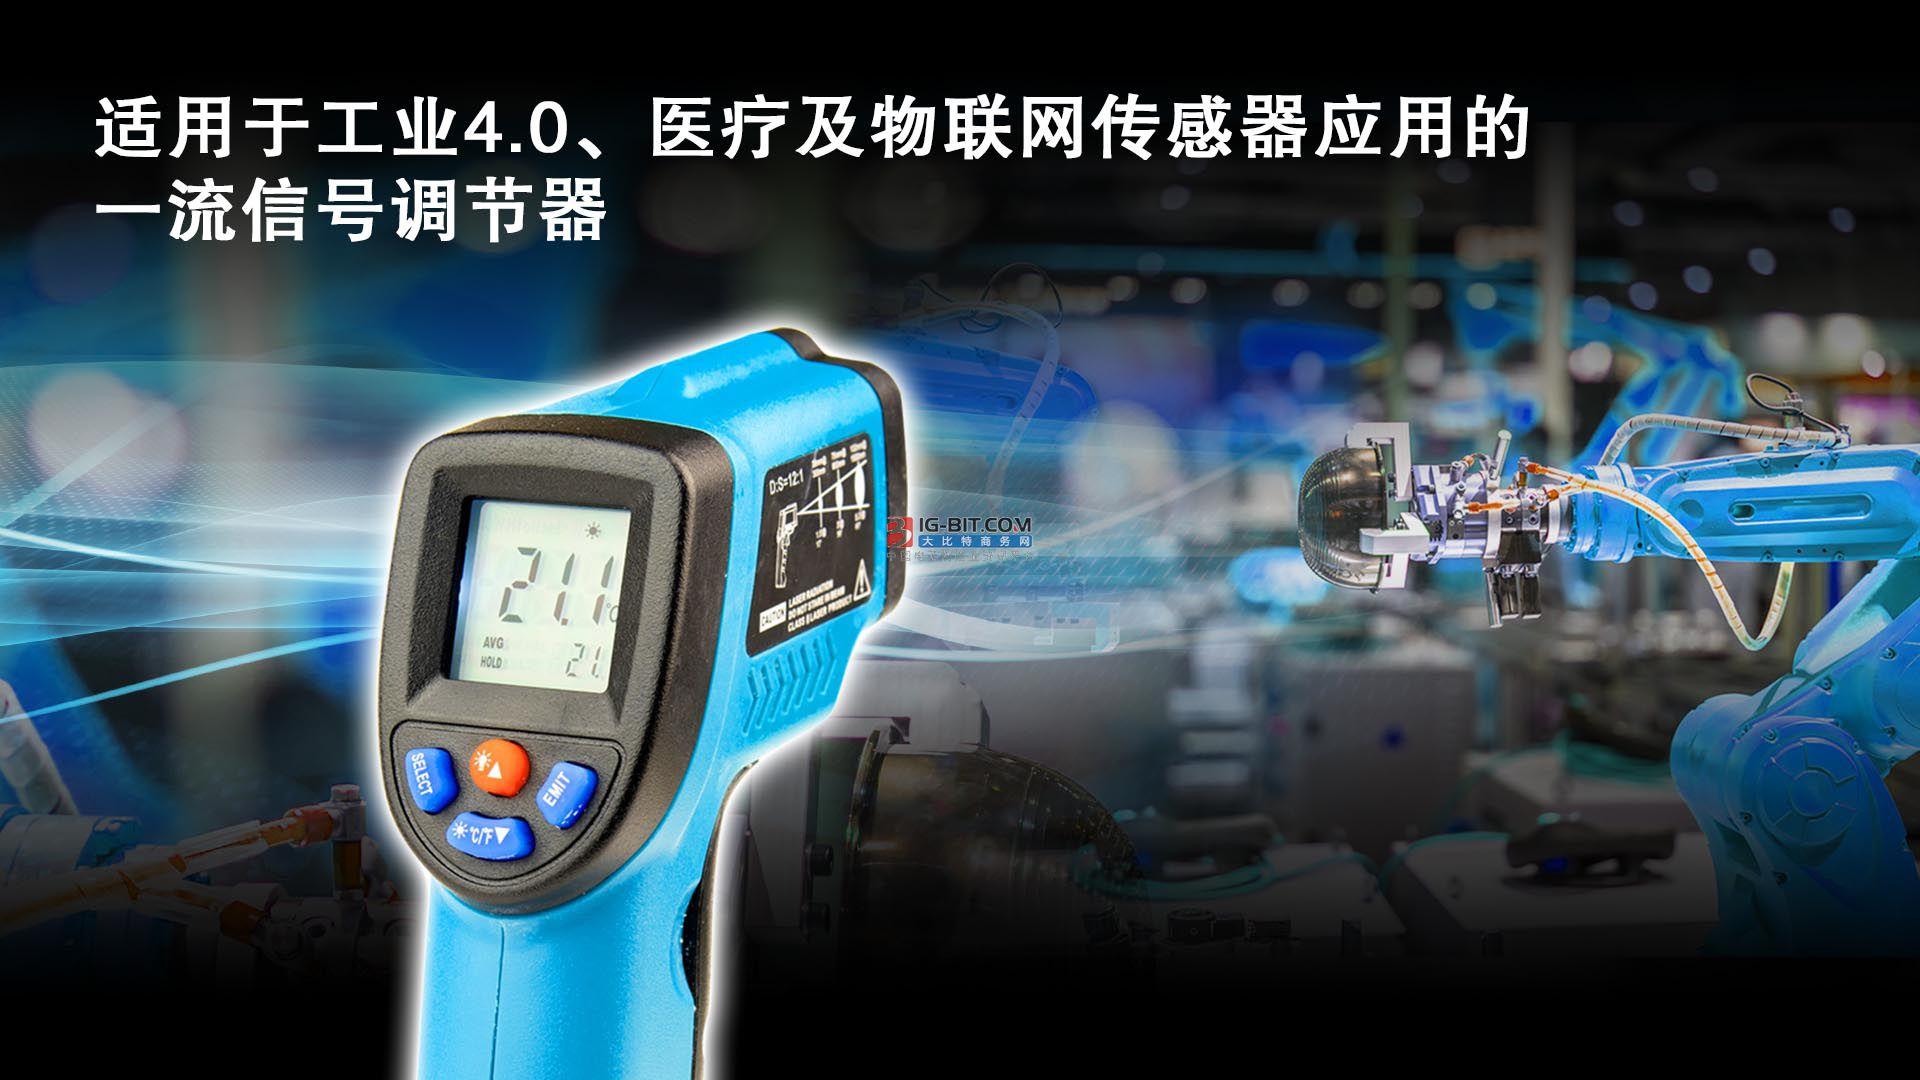 瑞薩電子推出面向工業4.0、醫療和物聯網傳感器應用的  先進信號調節器IC